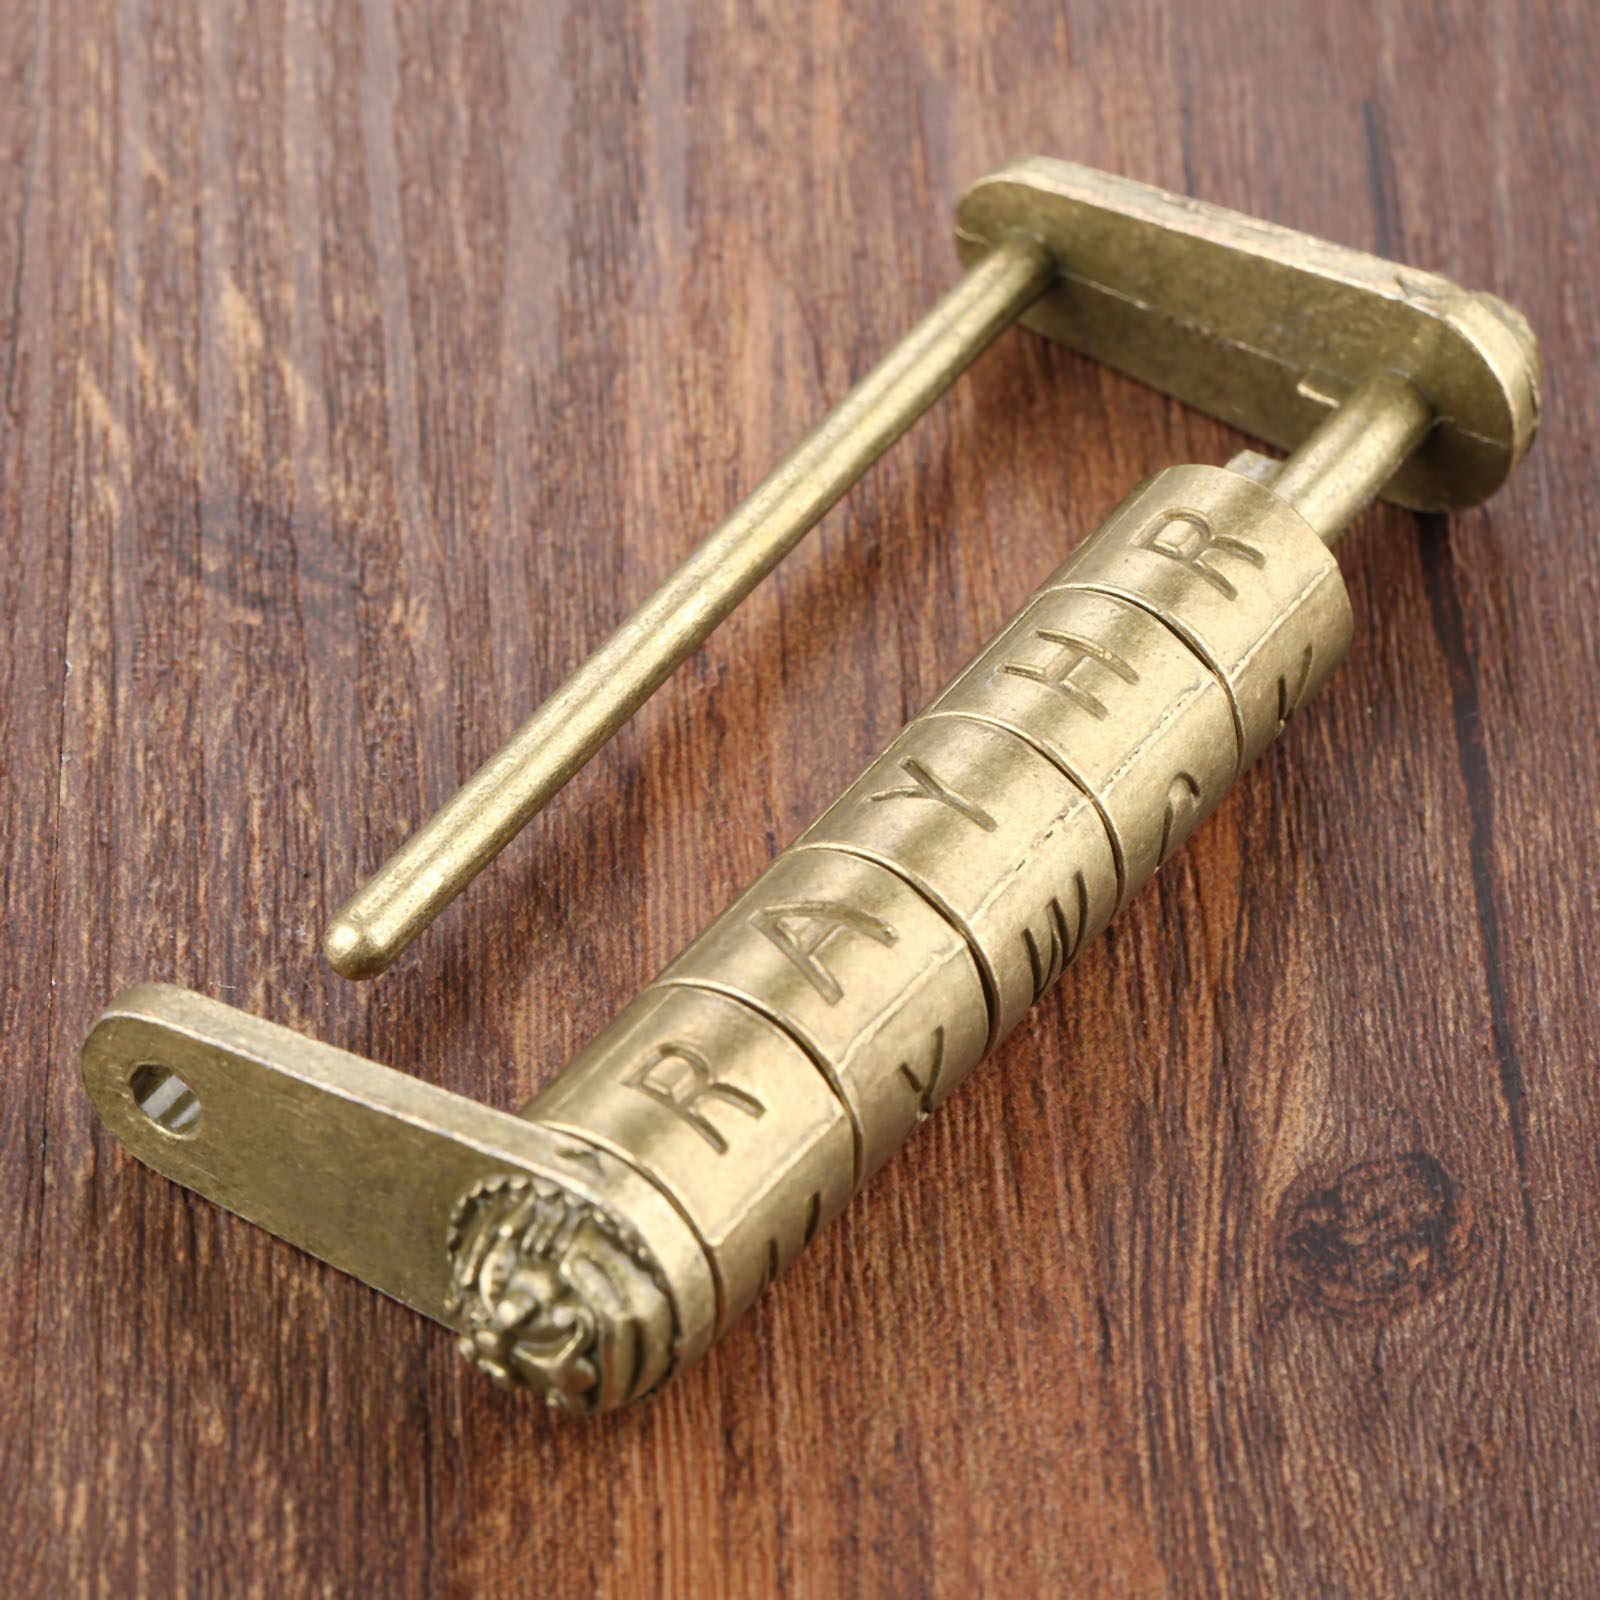 1Pc Antique chinois ancien mot de passe cadenas bijoux coffre en bois boîte serrure cadenas pour valise tiroir armoire porte matériel serrures